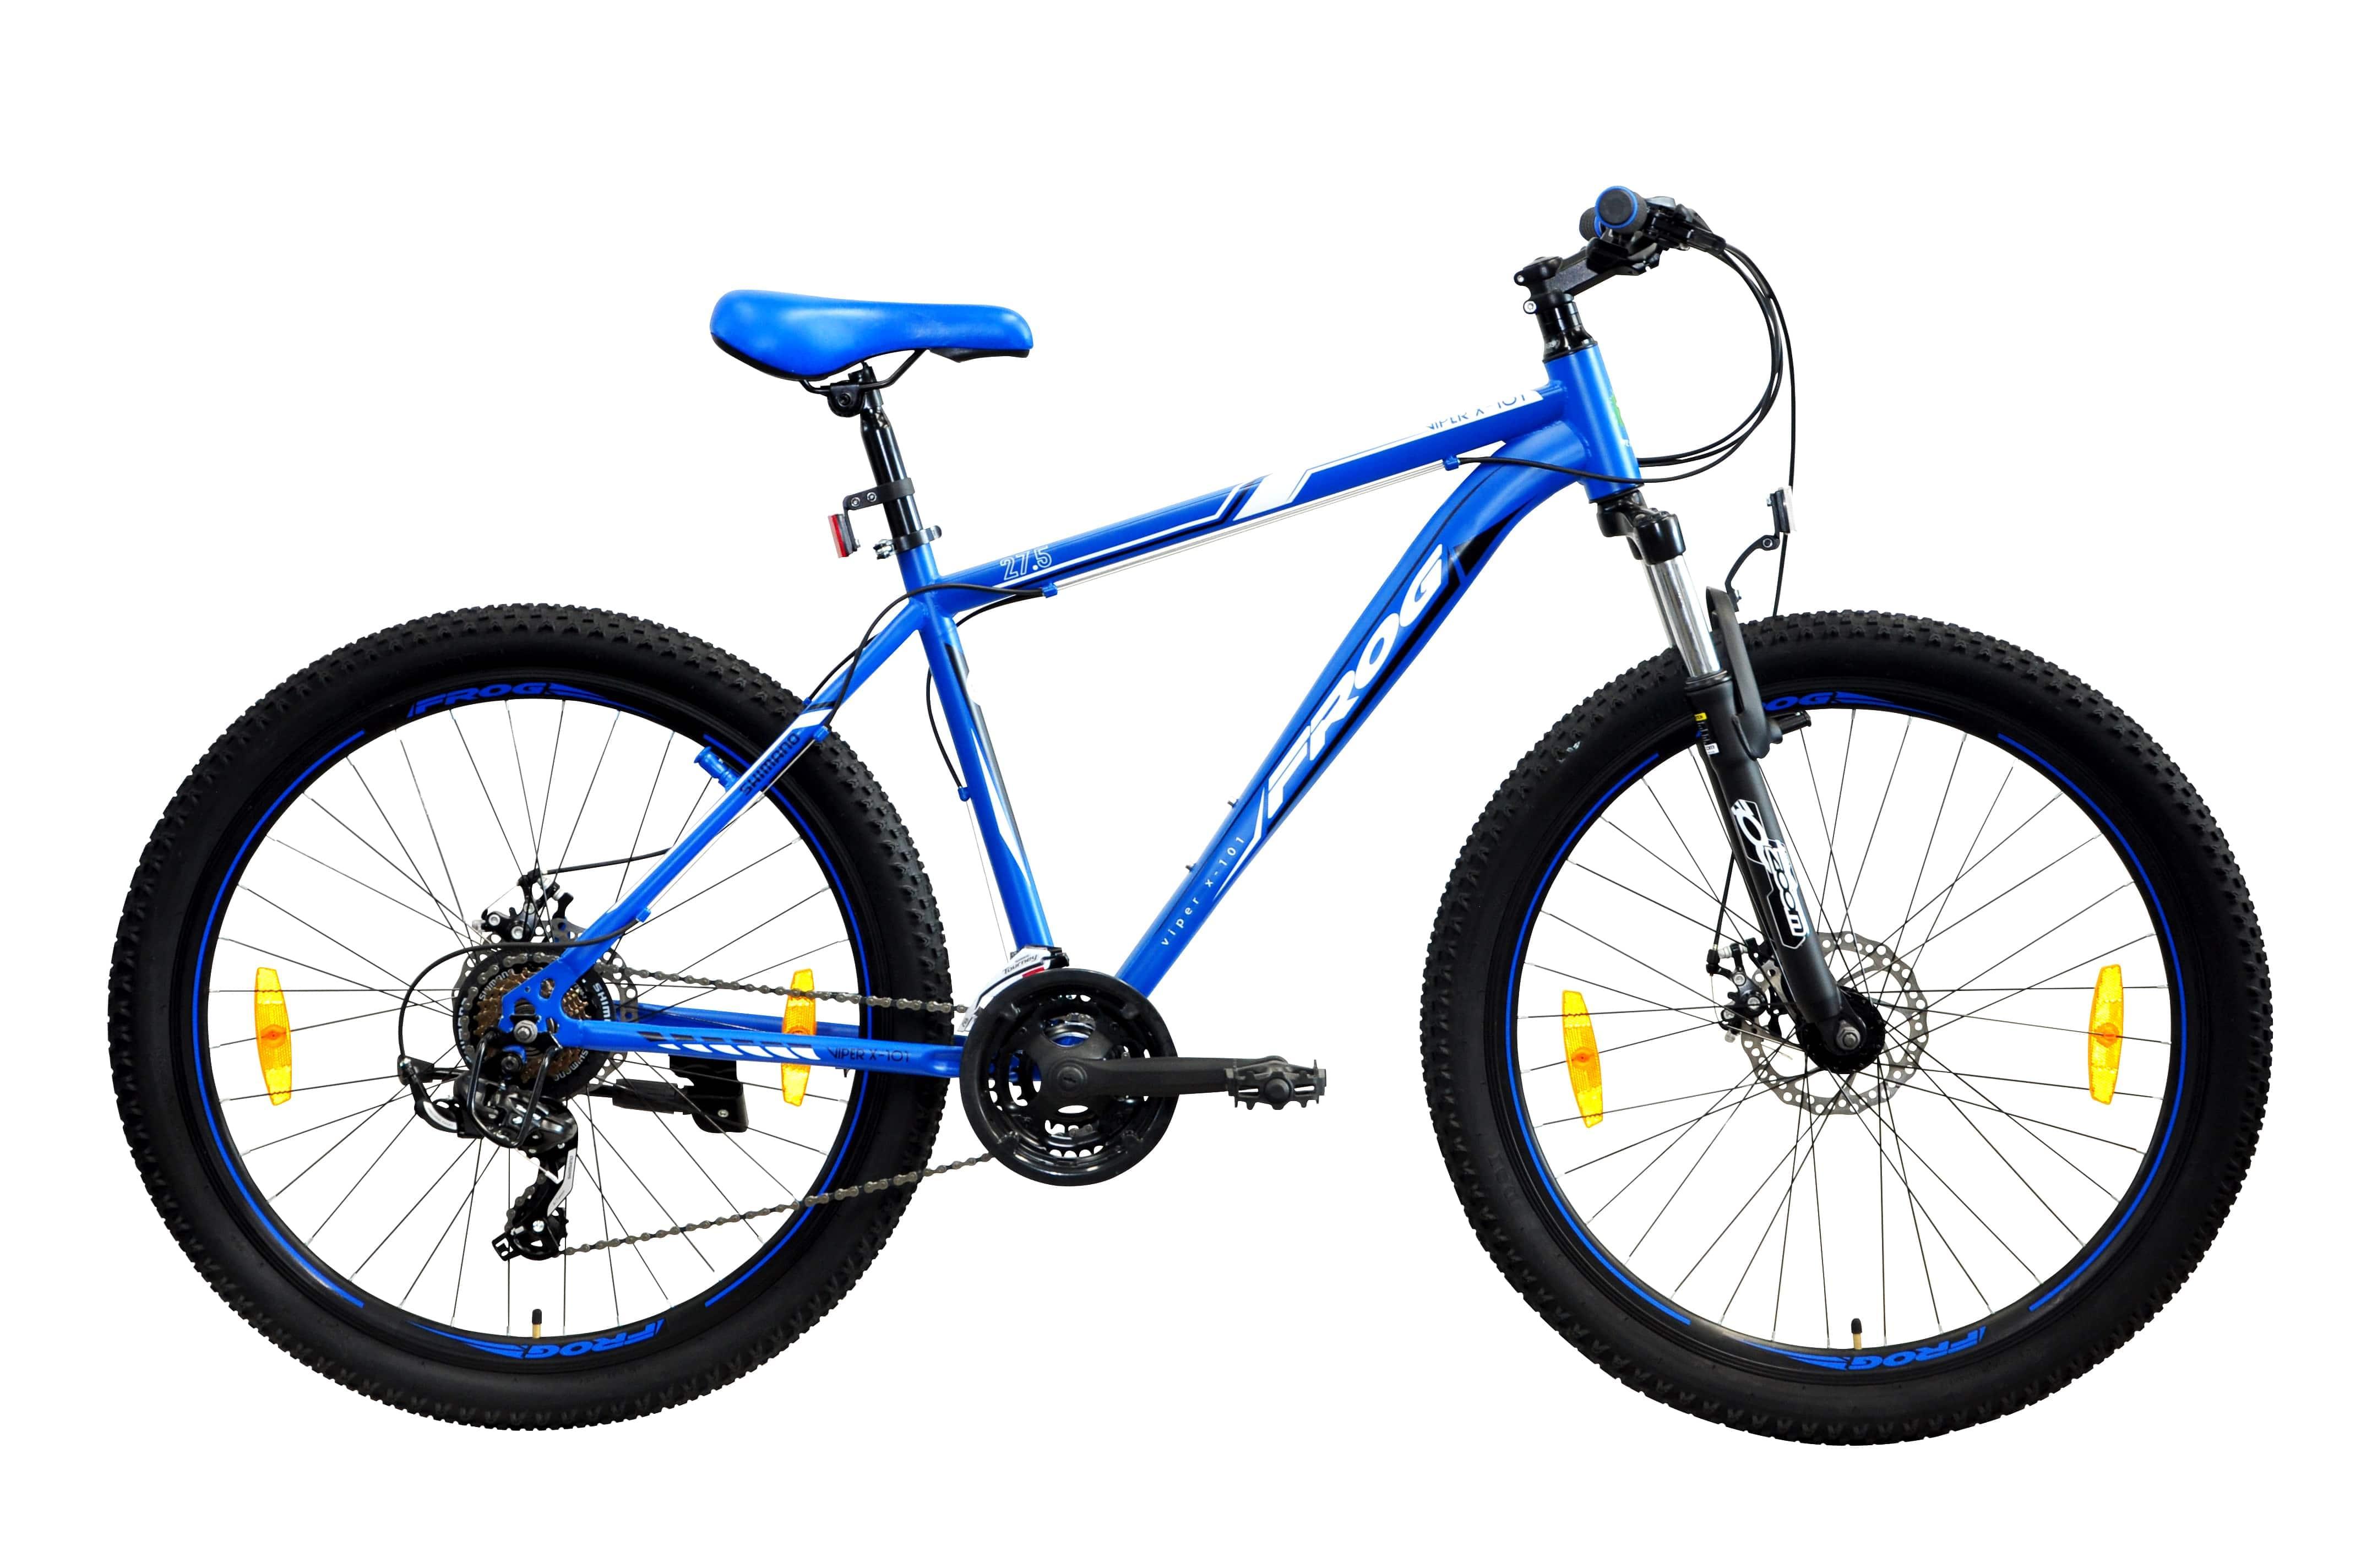 Viper X 101 27 5 Blue White image 1